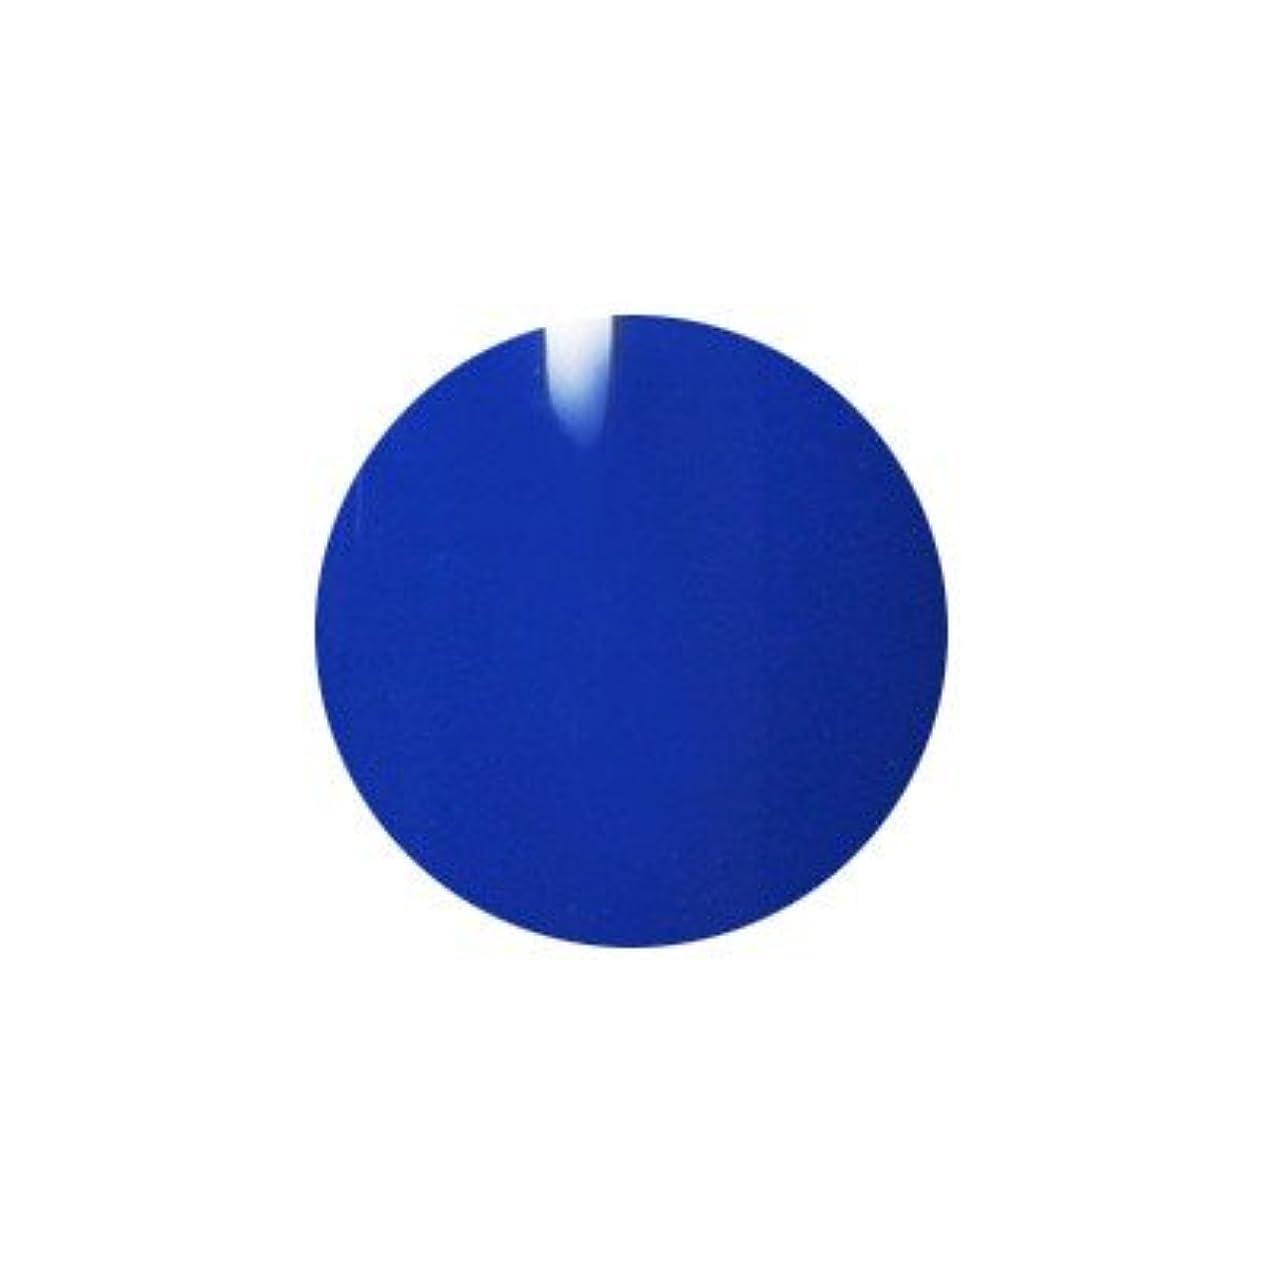 織る化学者東アンジェル カラージェル AL8M ジャンピングブルー